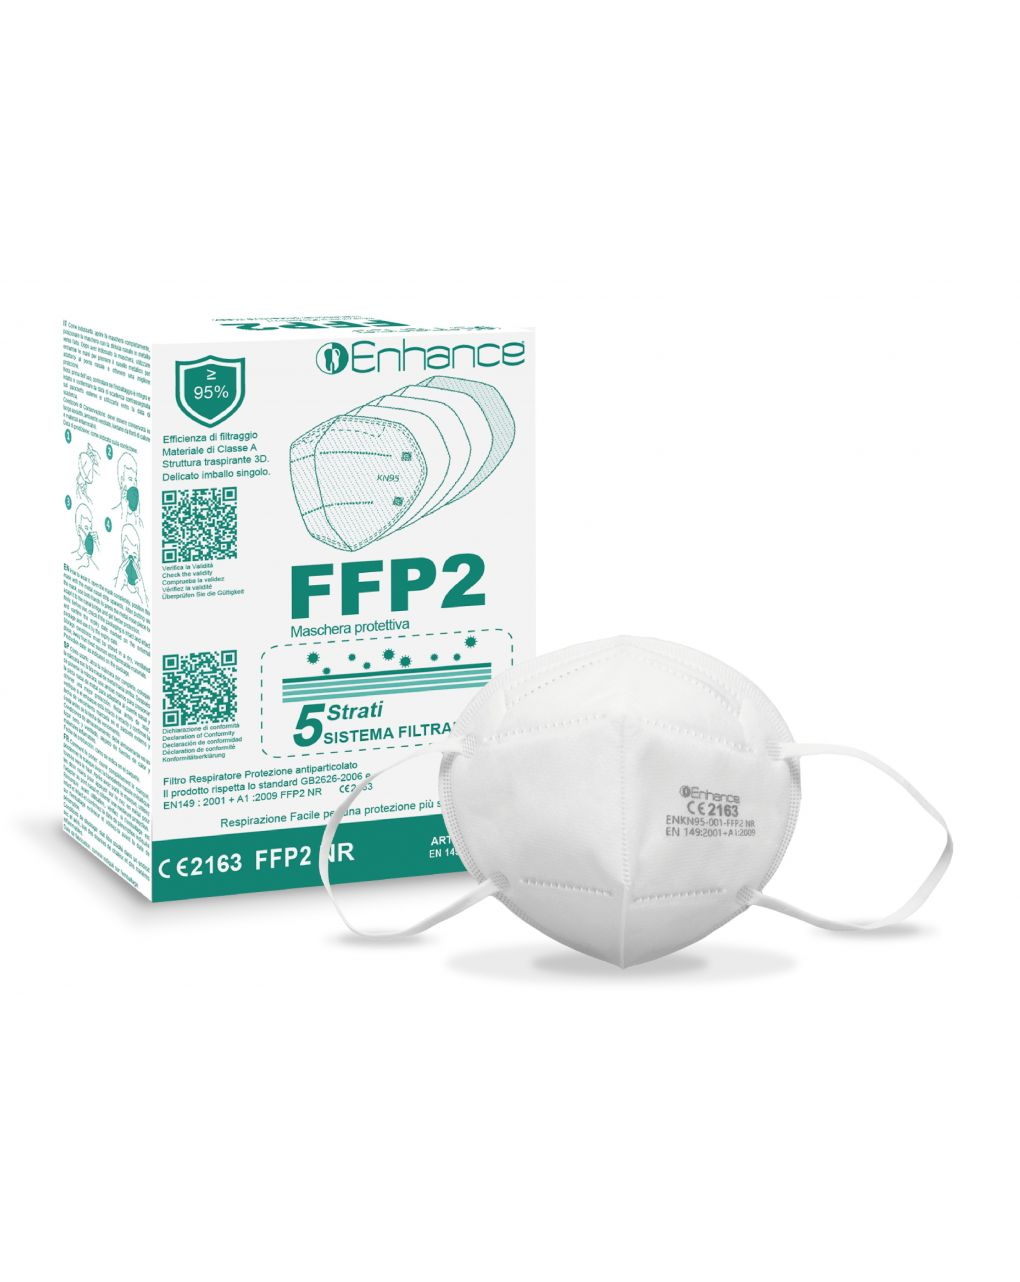 Mascherina ffp2 enhance - Enhance